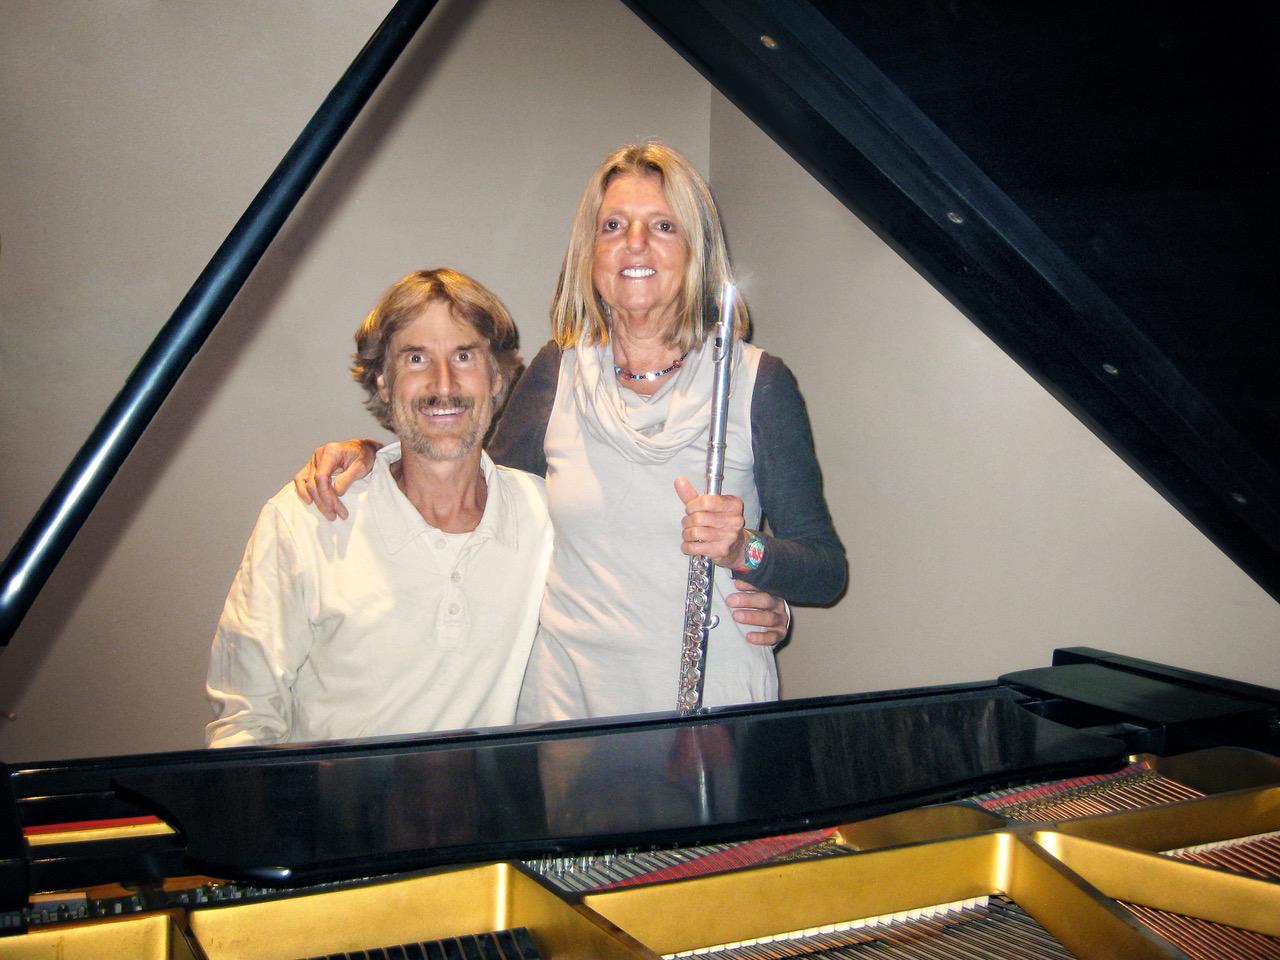 Dr Will & Madeleine Tuttle - master musicians